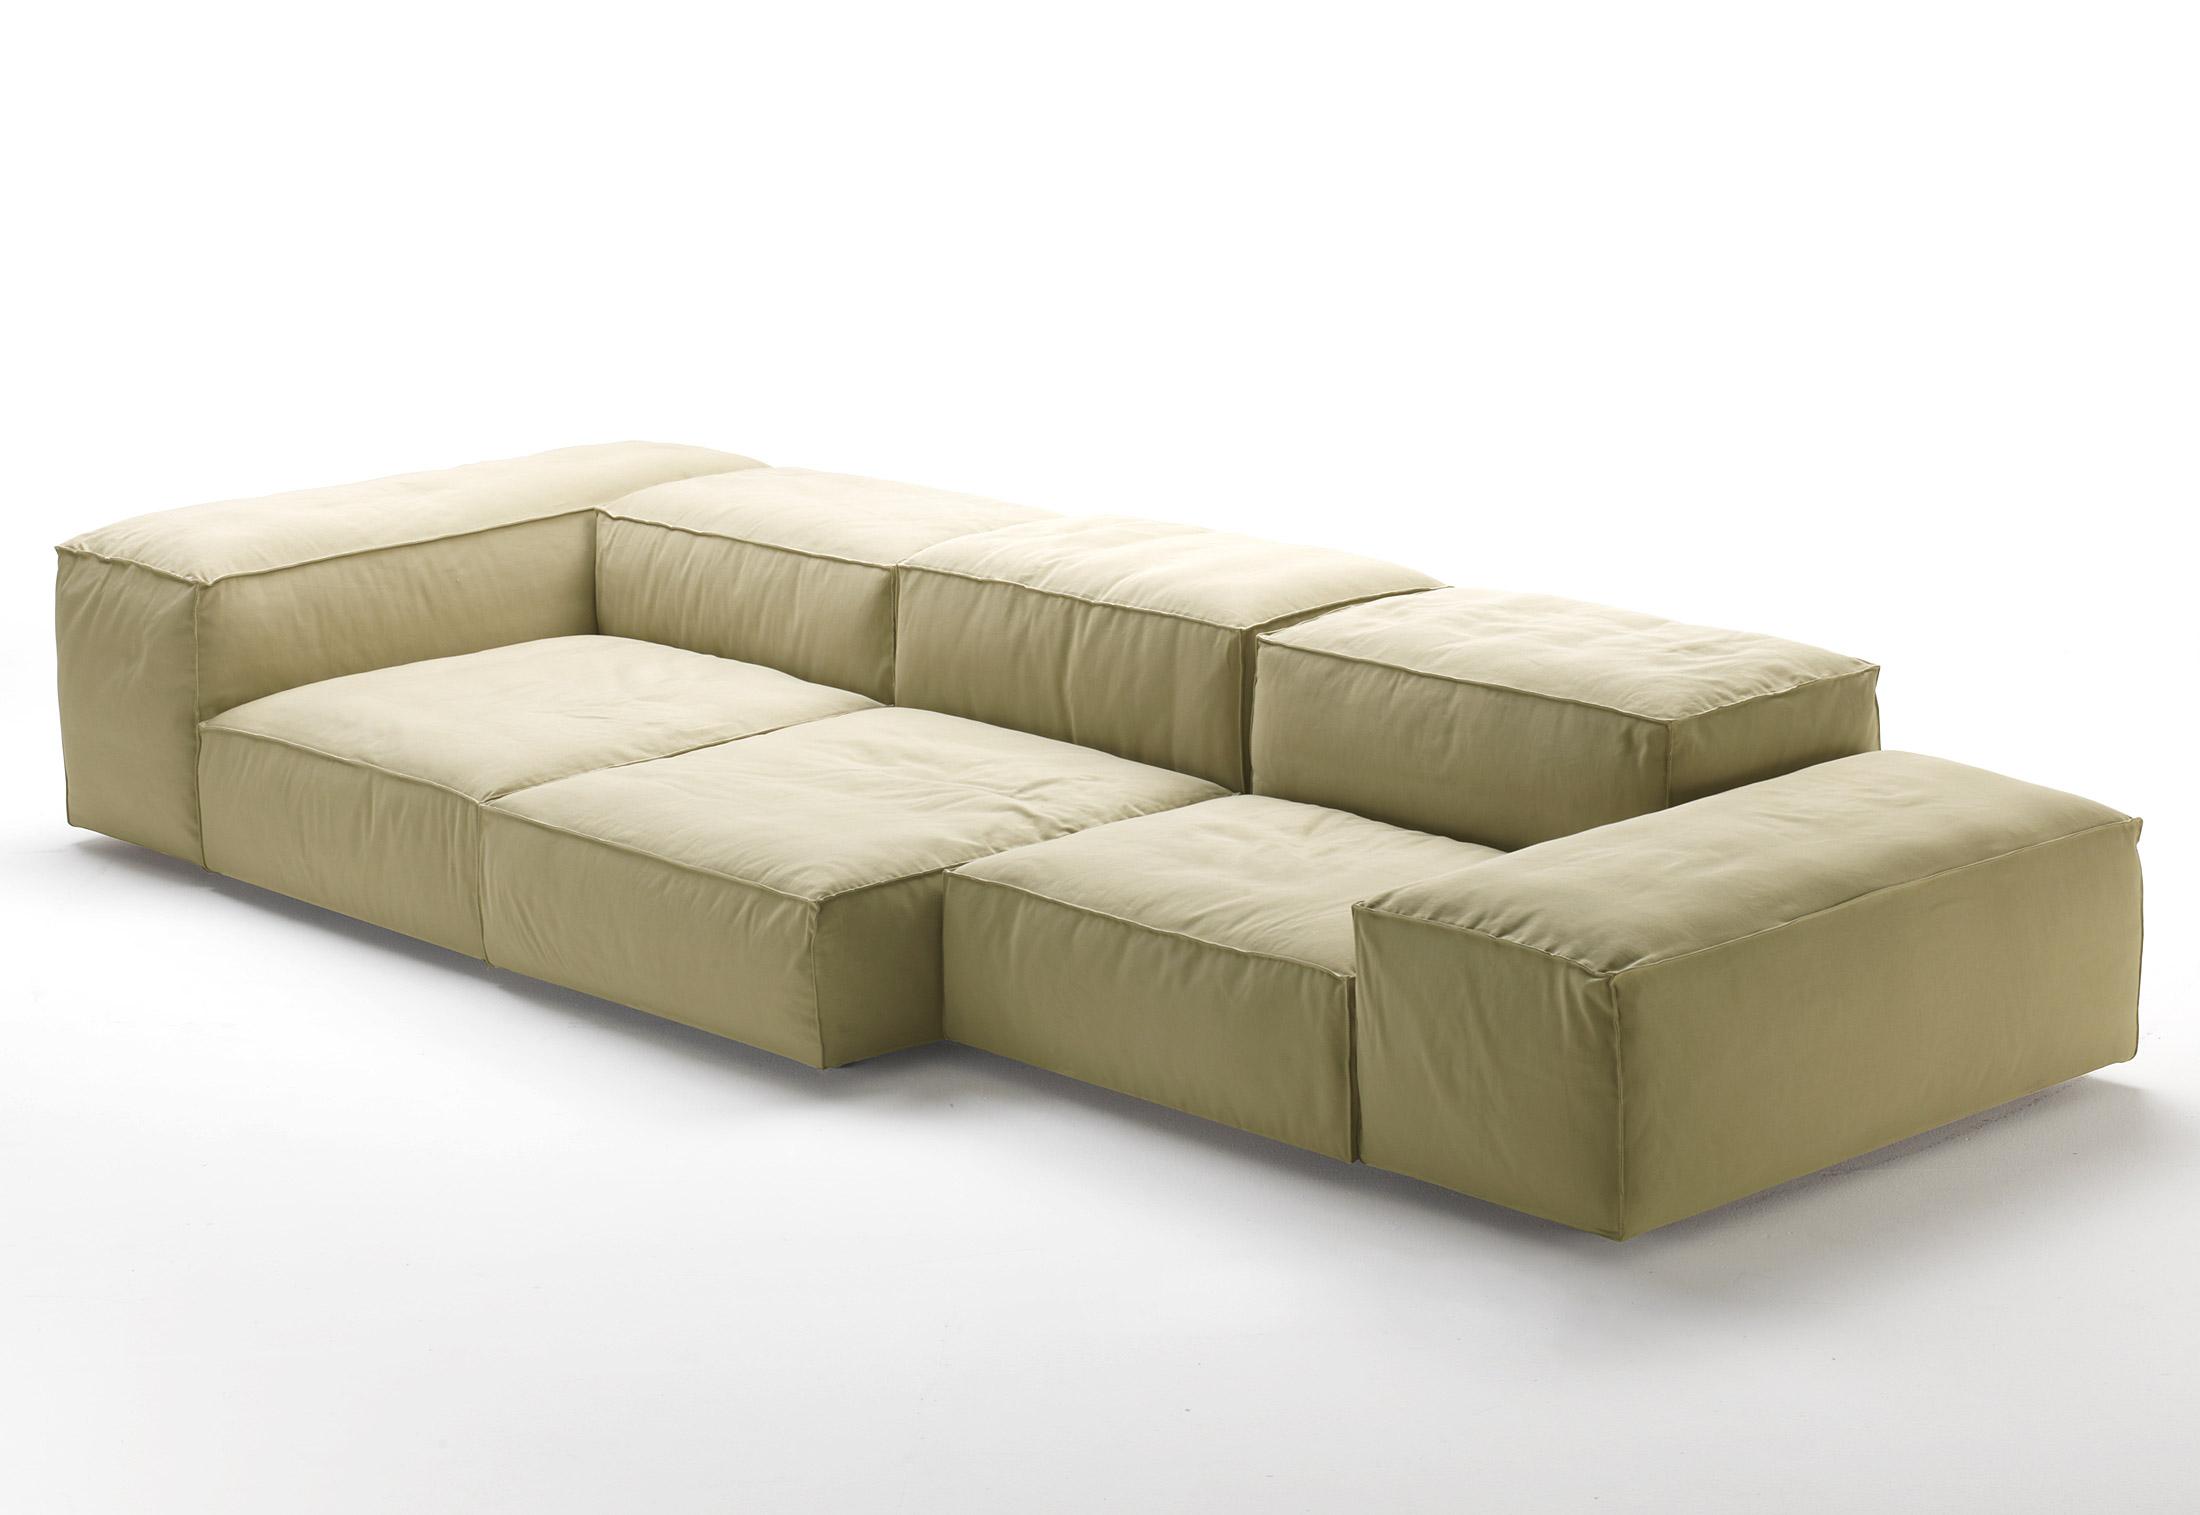 extra soft di living divani divani e poltrone arredamento mollura home design. Black Bedroom Furniture Sets. Home Design Ideas